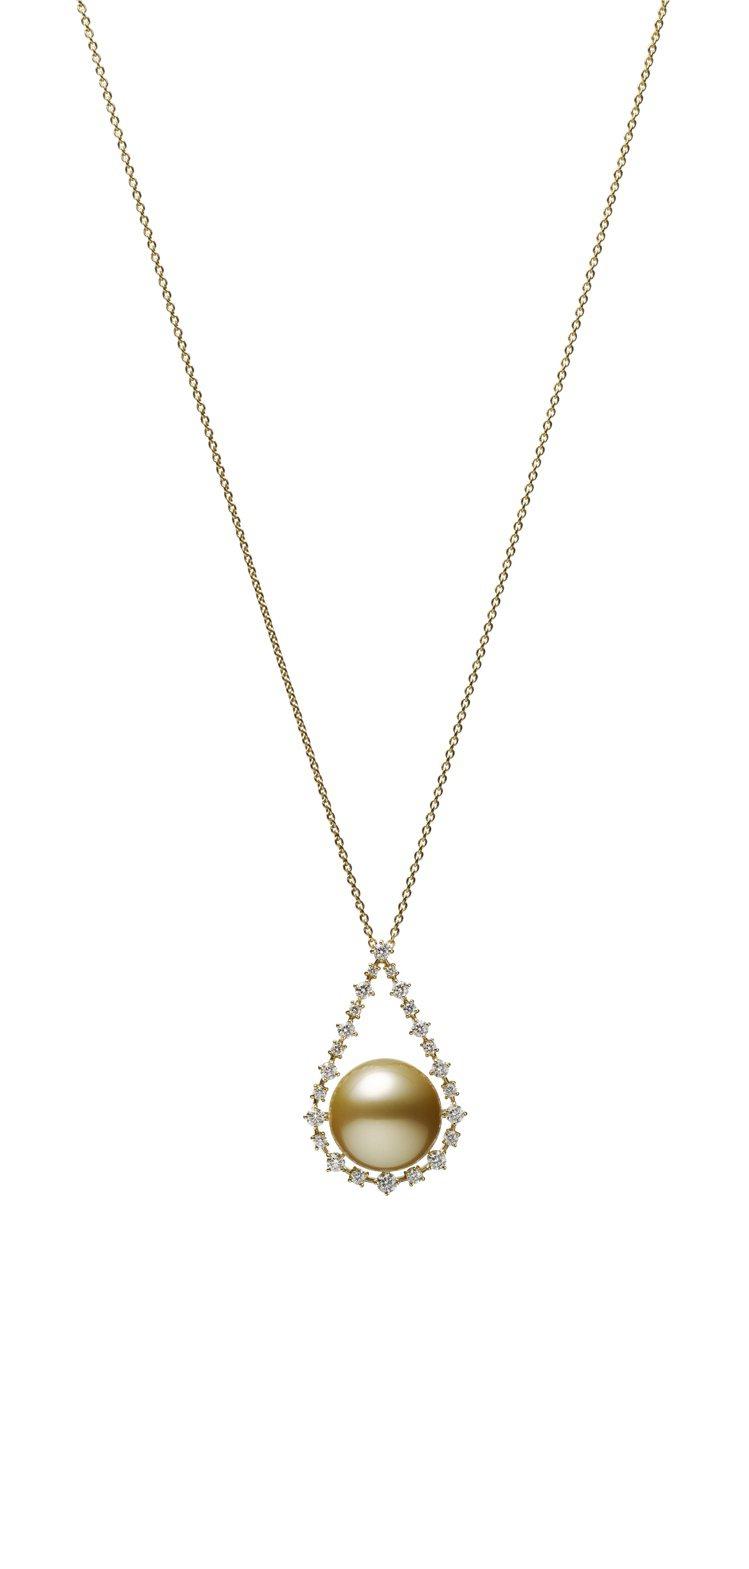 MIKIMOTO南洋黃金珍珠鑽石墜鍊,18K黃金鑲嵌鑽石、南洋黃金珍珠(珍珠尺寸...